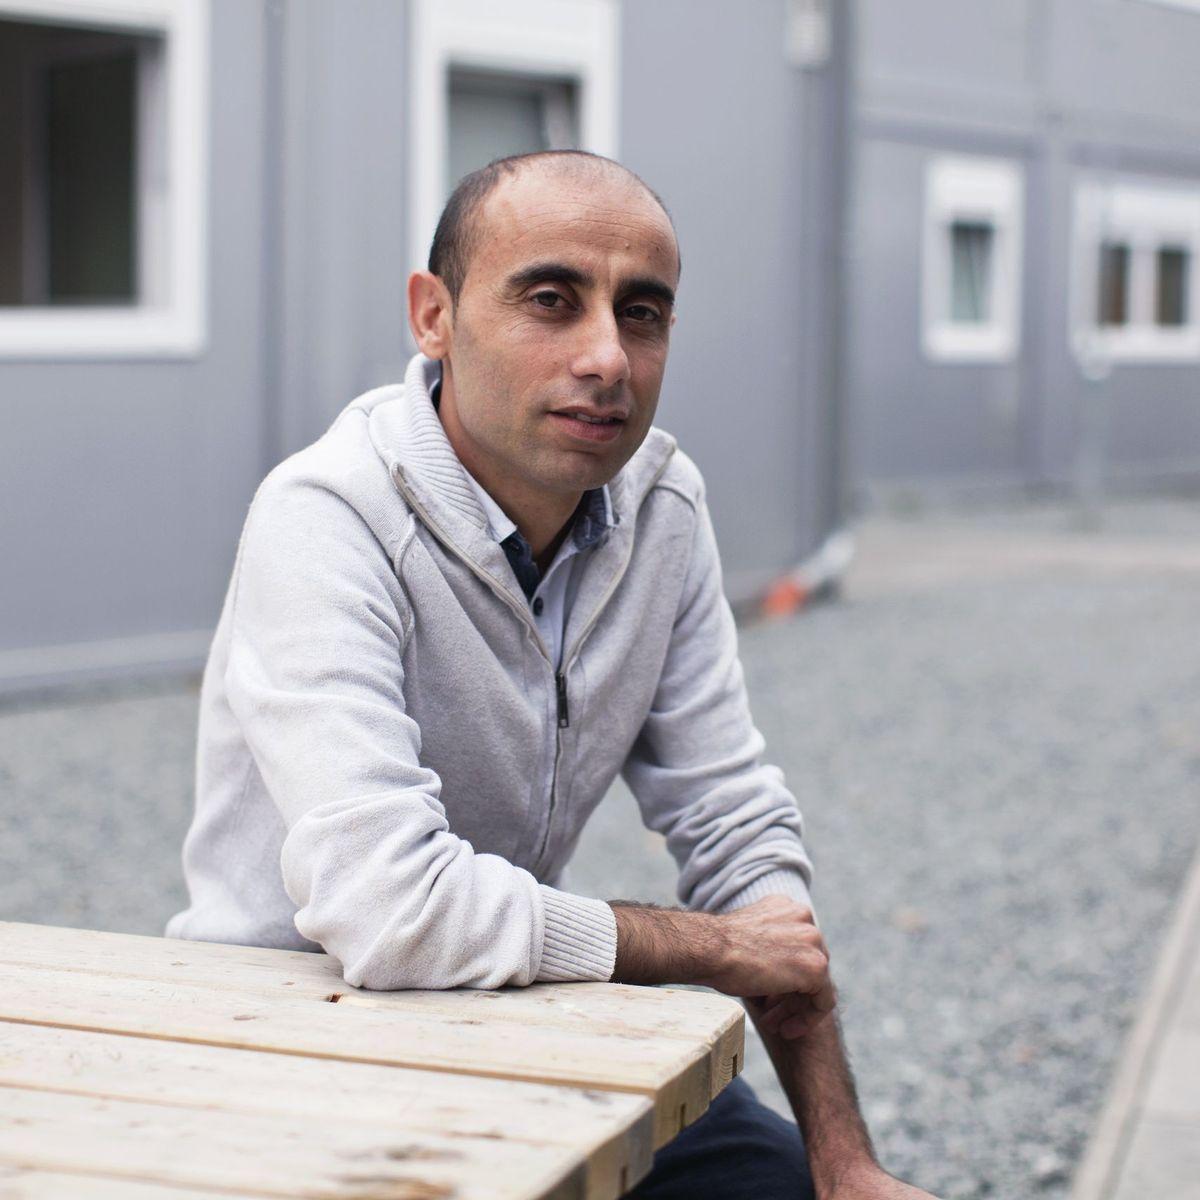 Kurdischer Fluchtling In Hamburg Wir Wollen Niemanden Storen